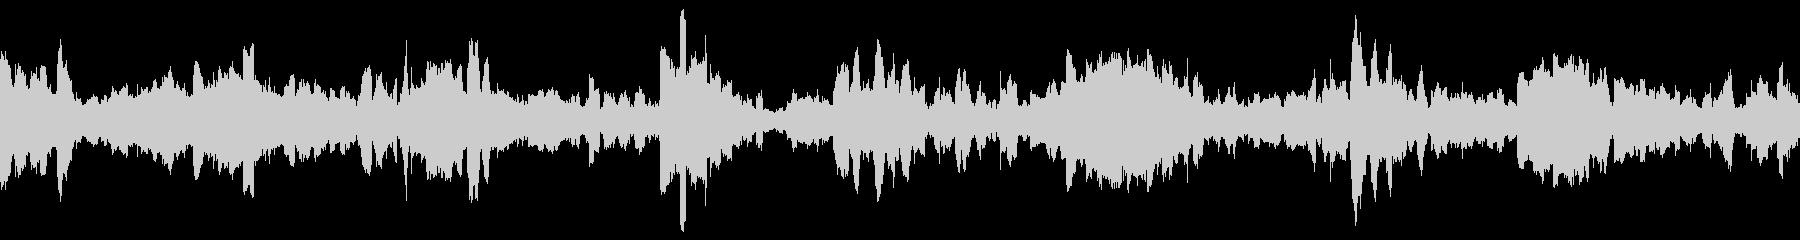 衛星伝送-電子バズによるデジタルル...の未再生の波形